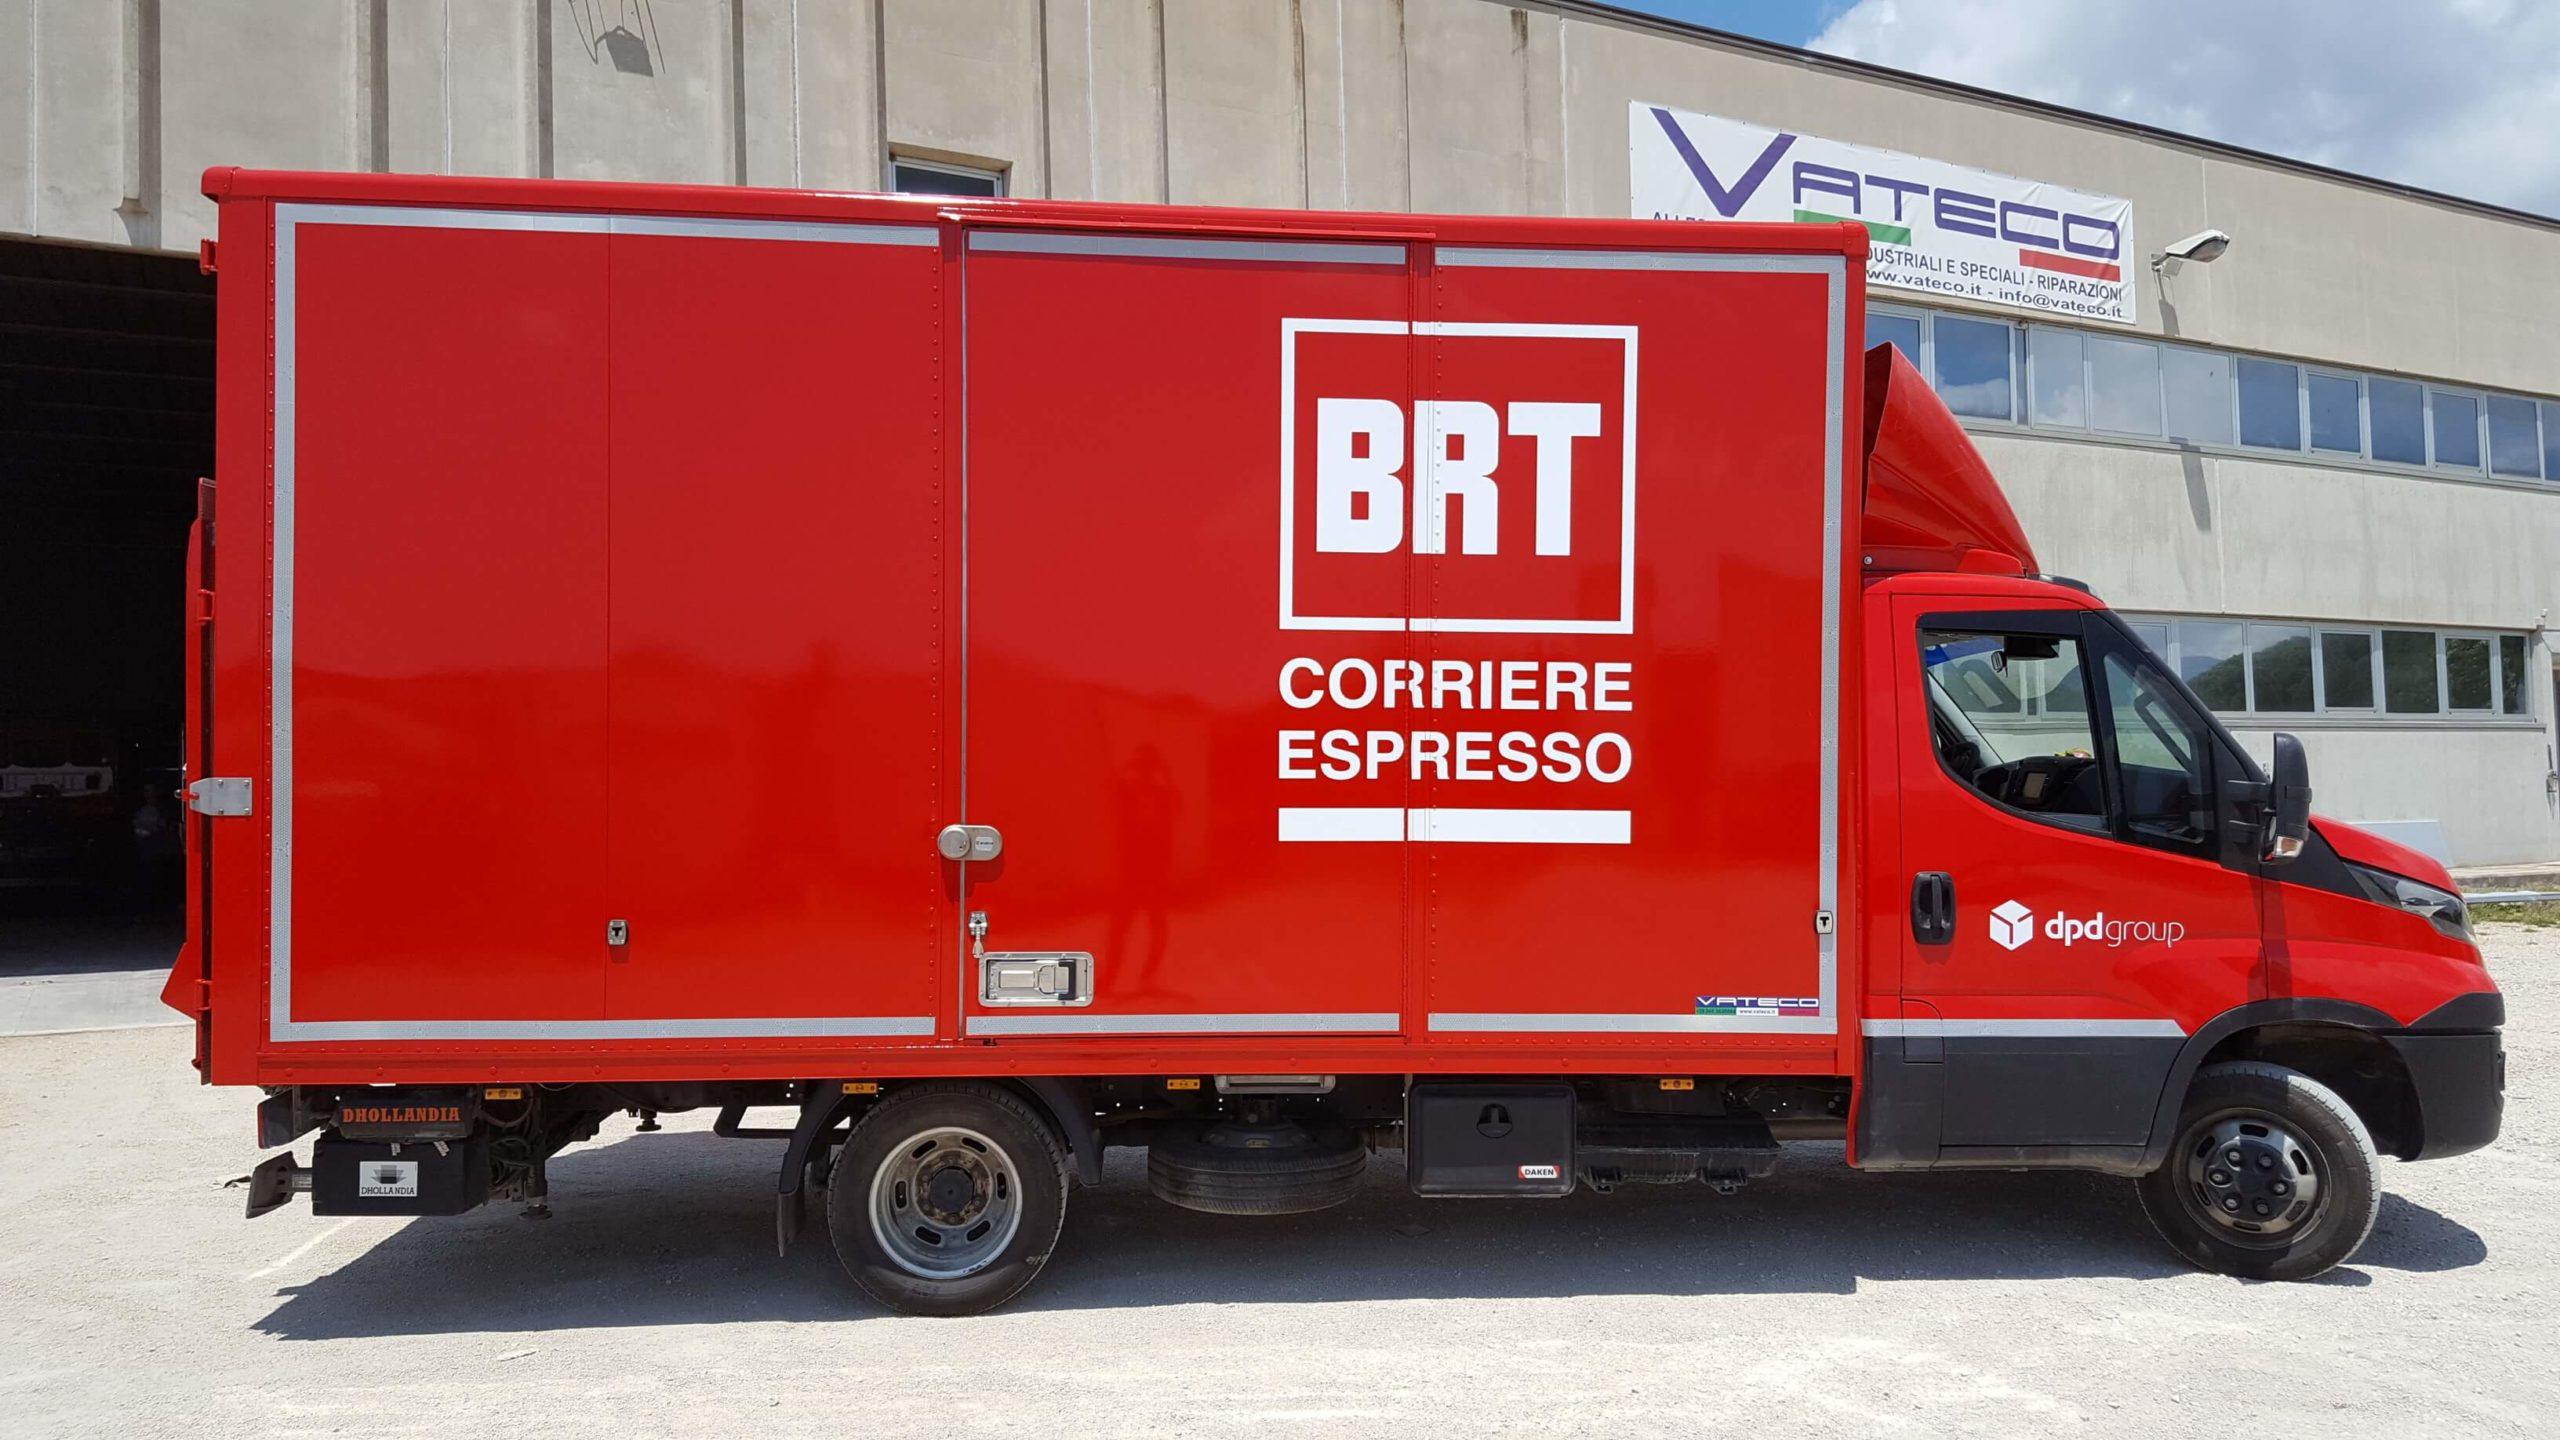 decorazione adesiva furgone